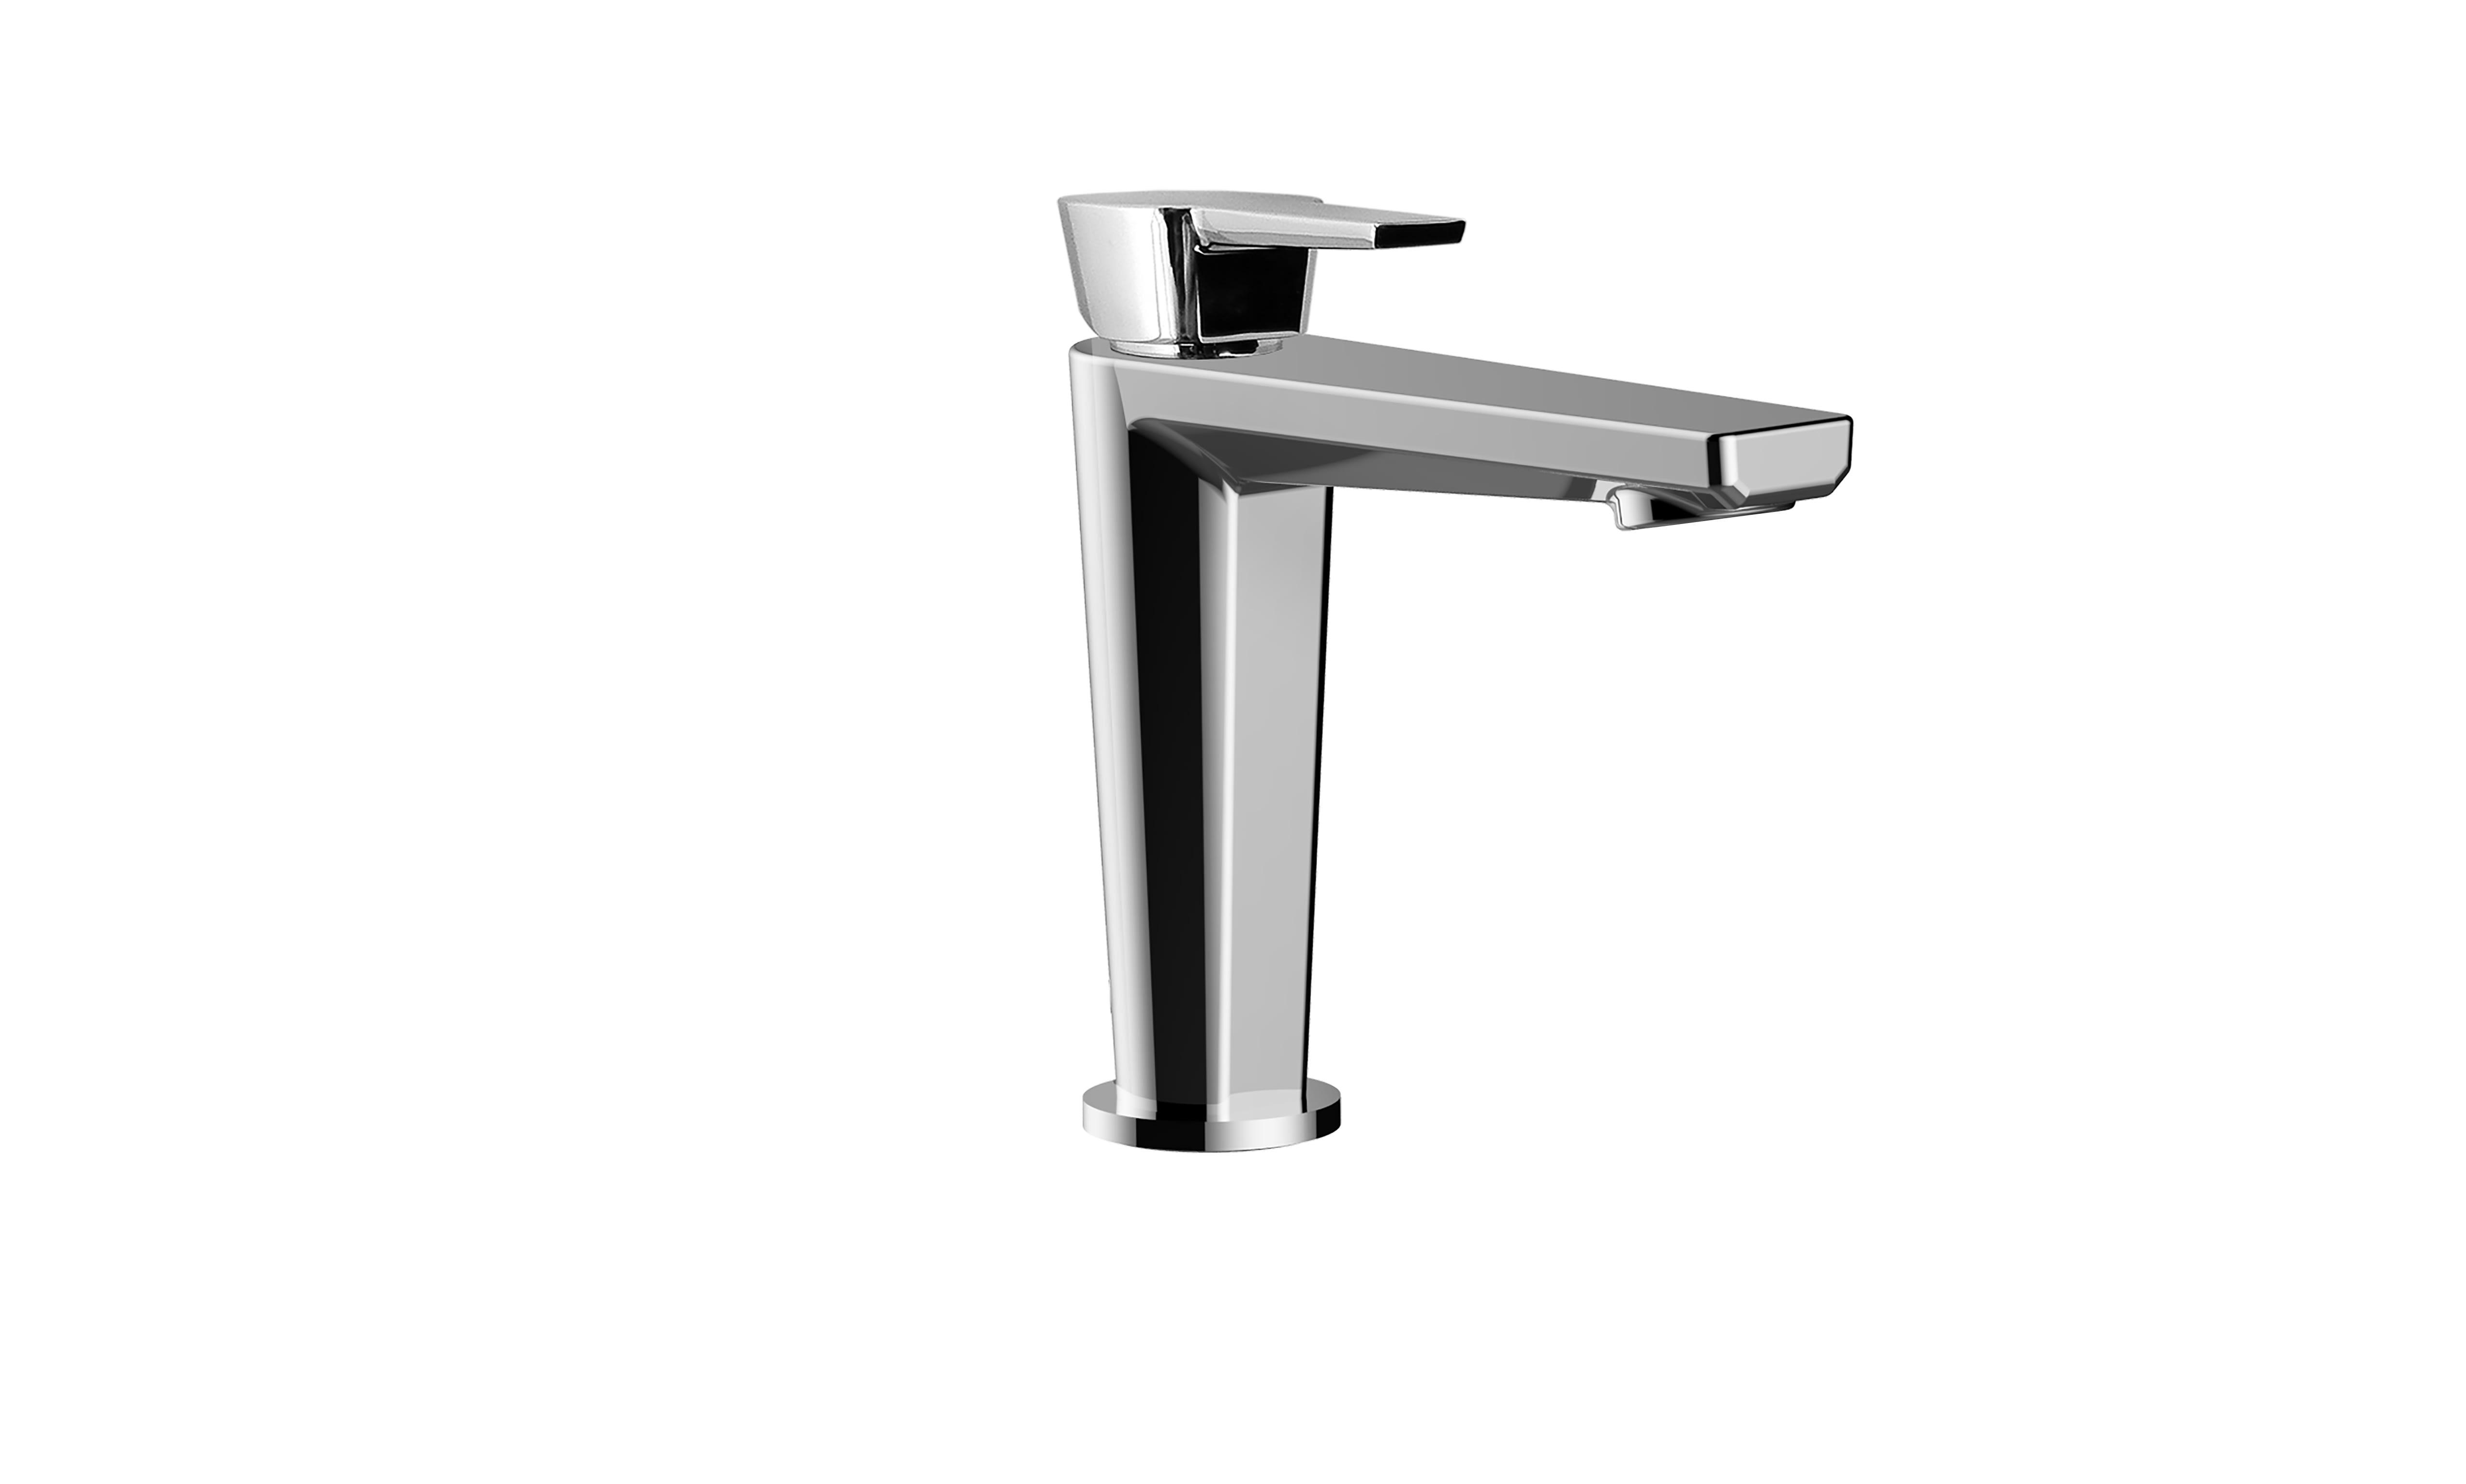 Santec 3780HY10 Polished Chrome Ebis 1.2 GPM Single Hole Bathroom ...